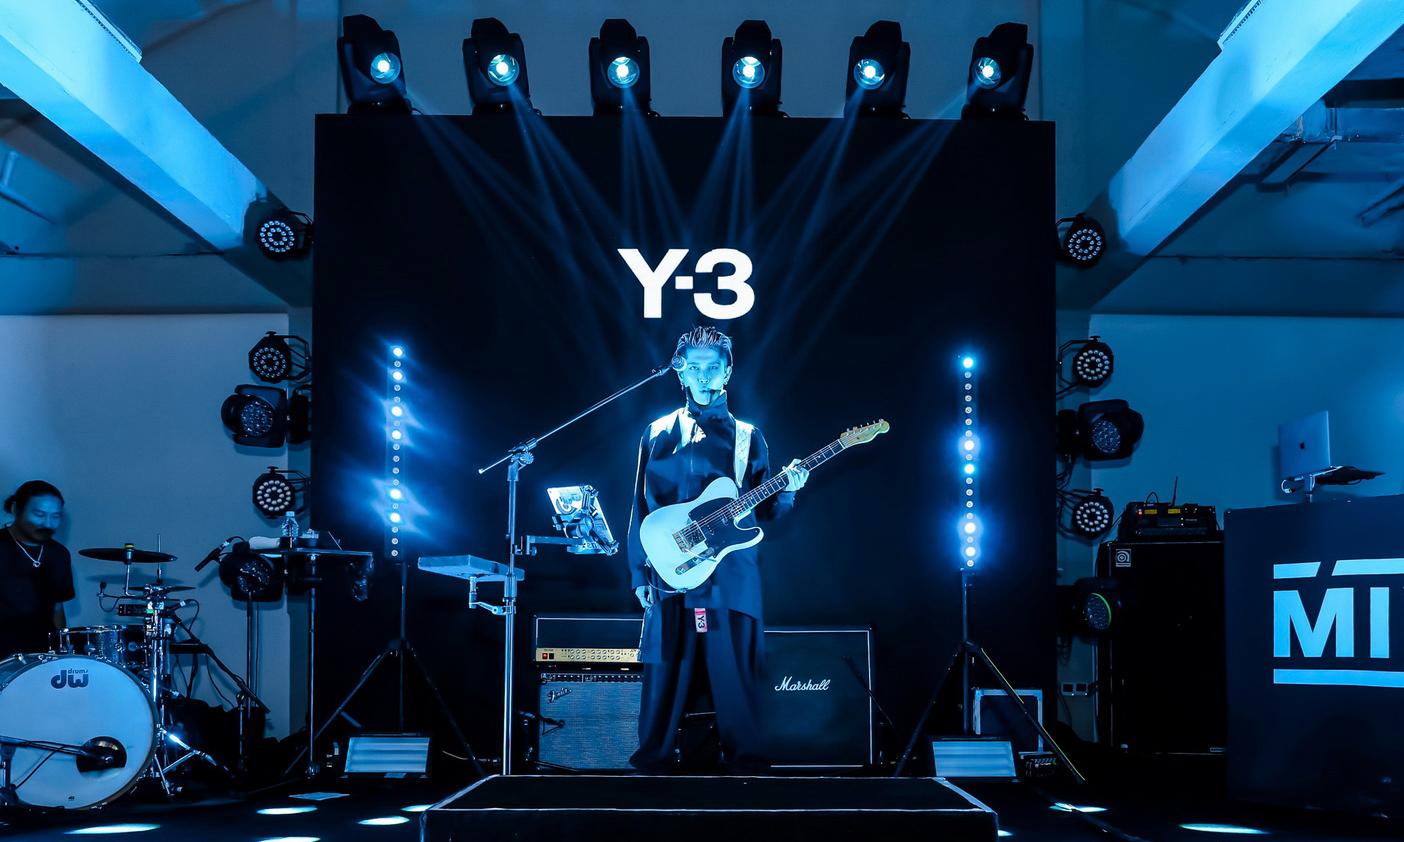 极致匠艺,Y-3 2020 春夏系列新品上海发布